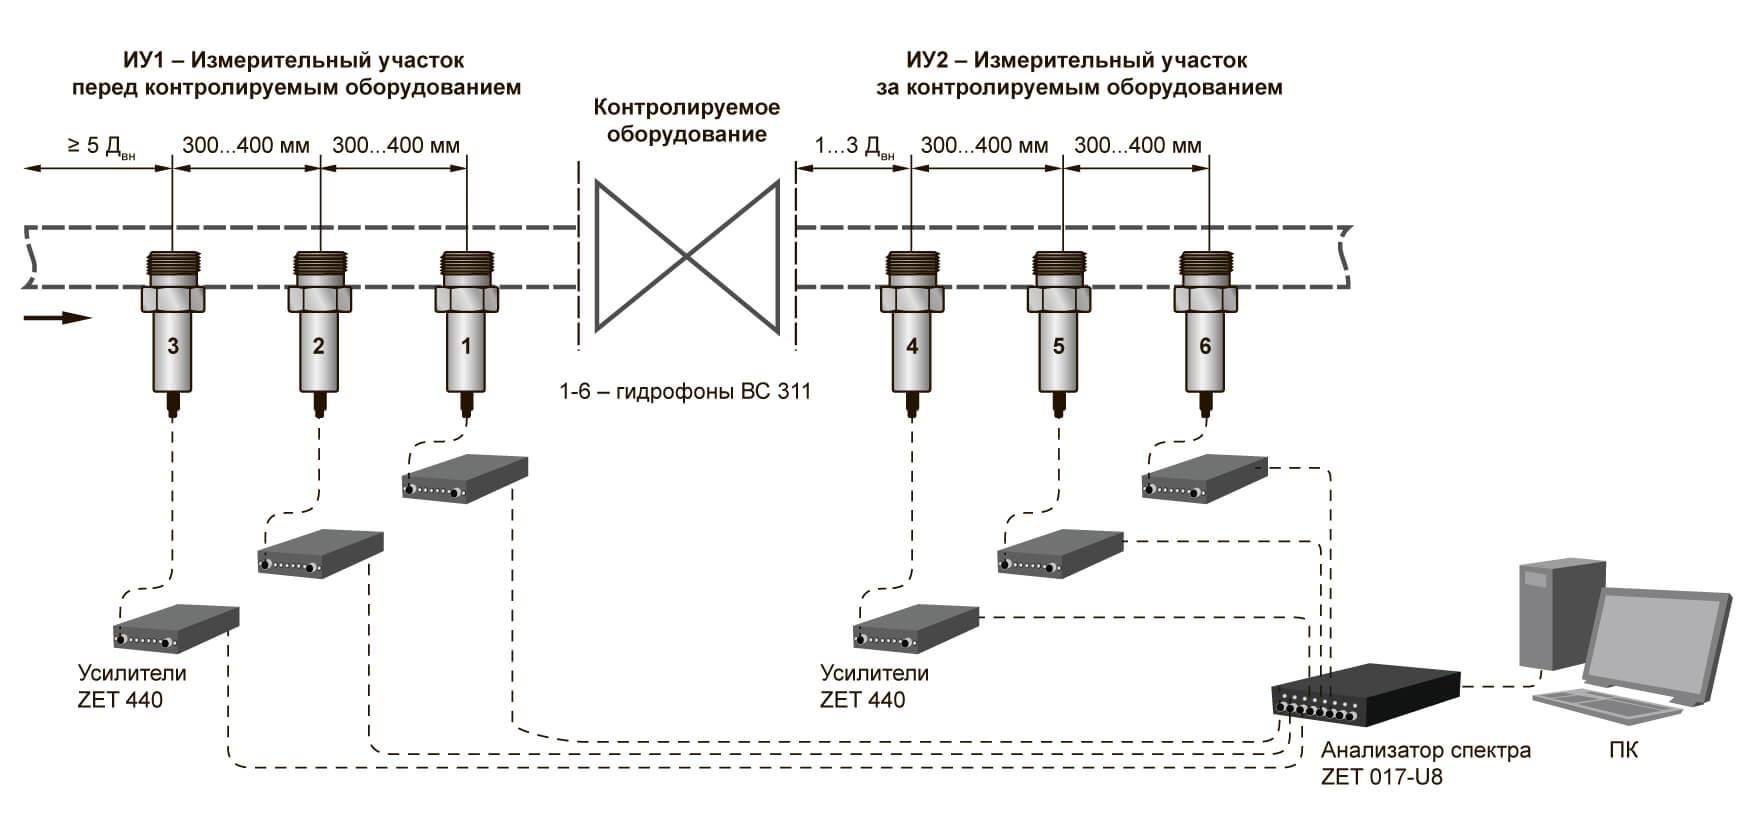 Схема расположения гидрофонов в измерительных участках